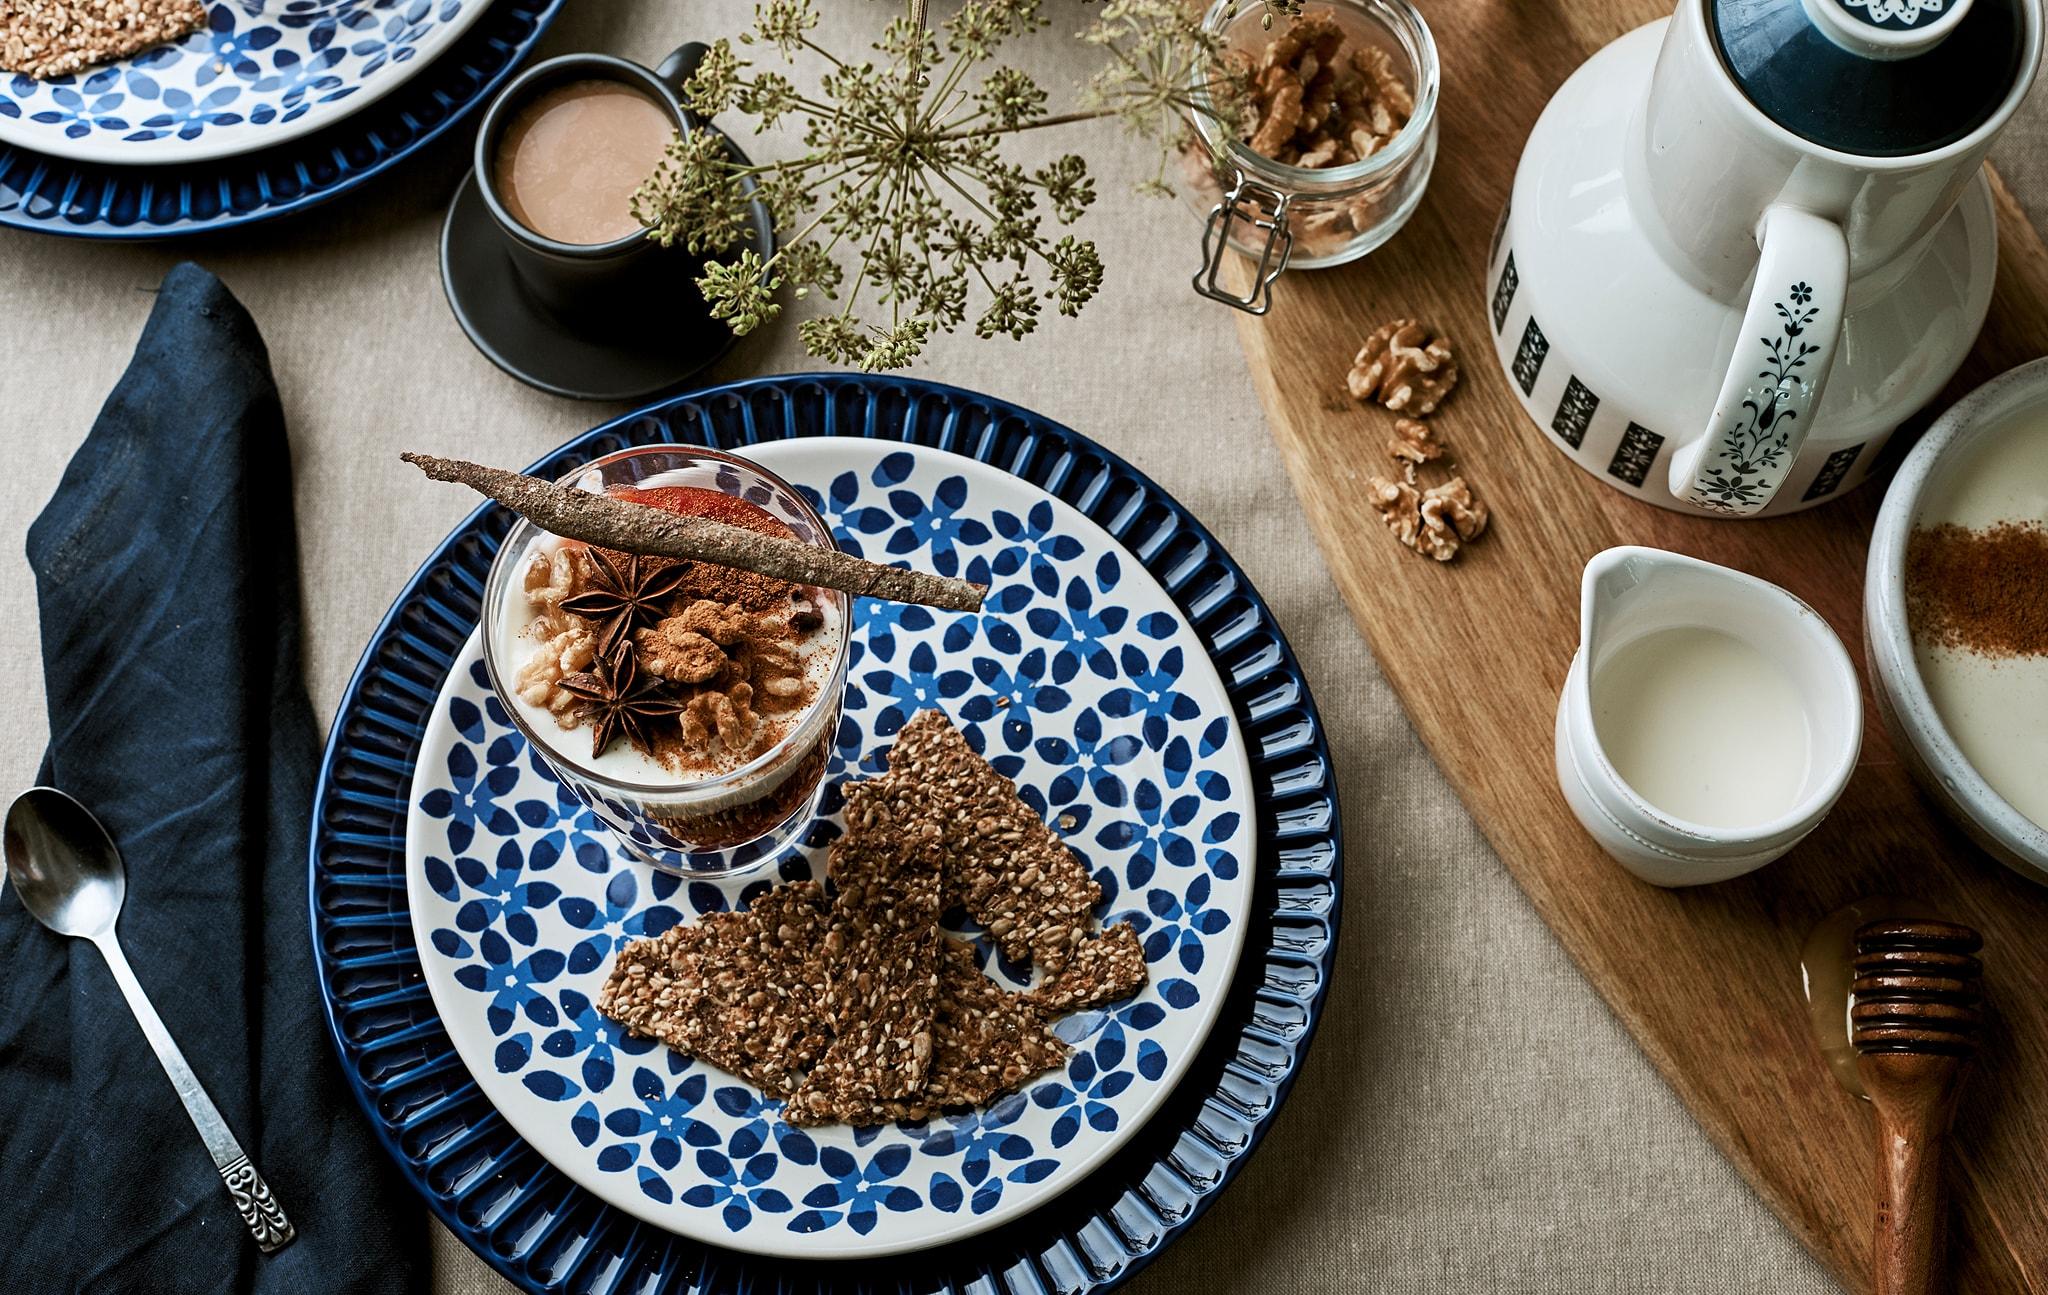 Meja makan untuk sarapan dihias menggunakan kain linen, piring biru bermotif, granola dalam gelas dan aksesoris kopi di atas talenan.